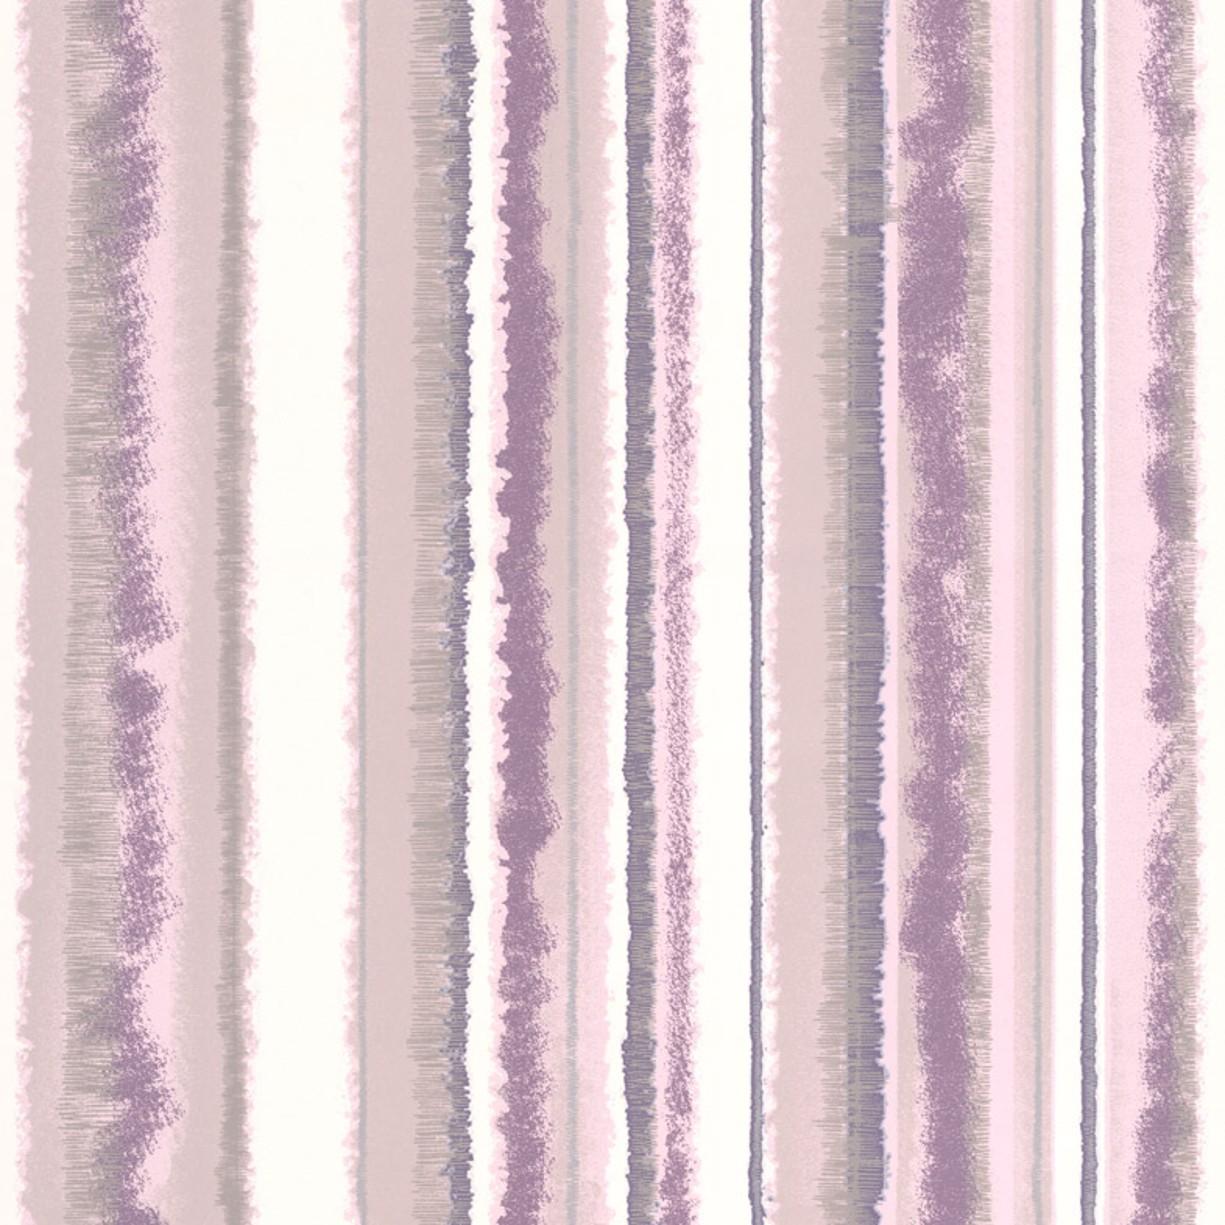 Tapety na zeď Vavex 20-603 | 0,53 x 10,05 m (Vinylová tapeta - levandulová, fialová)